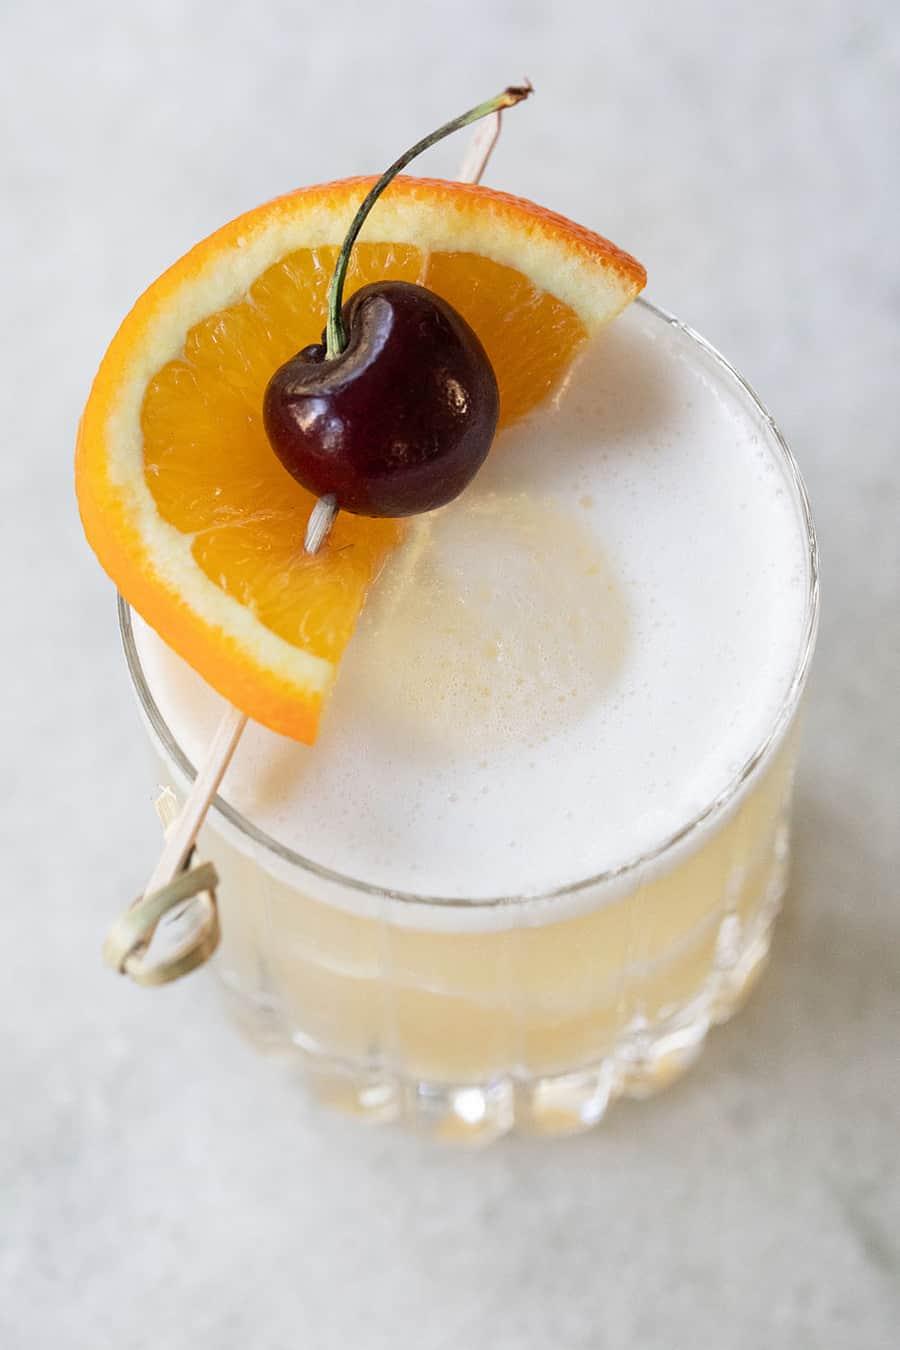 Portakal dilimi ve üstüne taze kiraz ekşi viski.